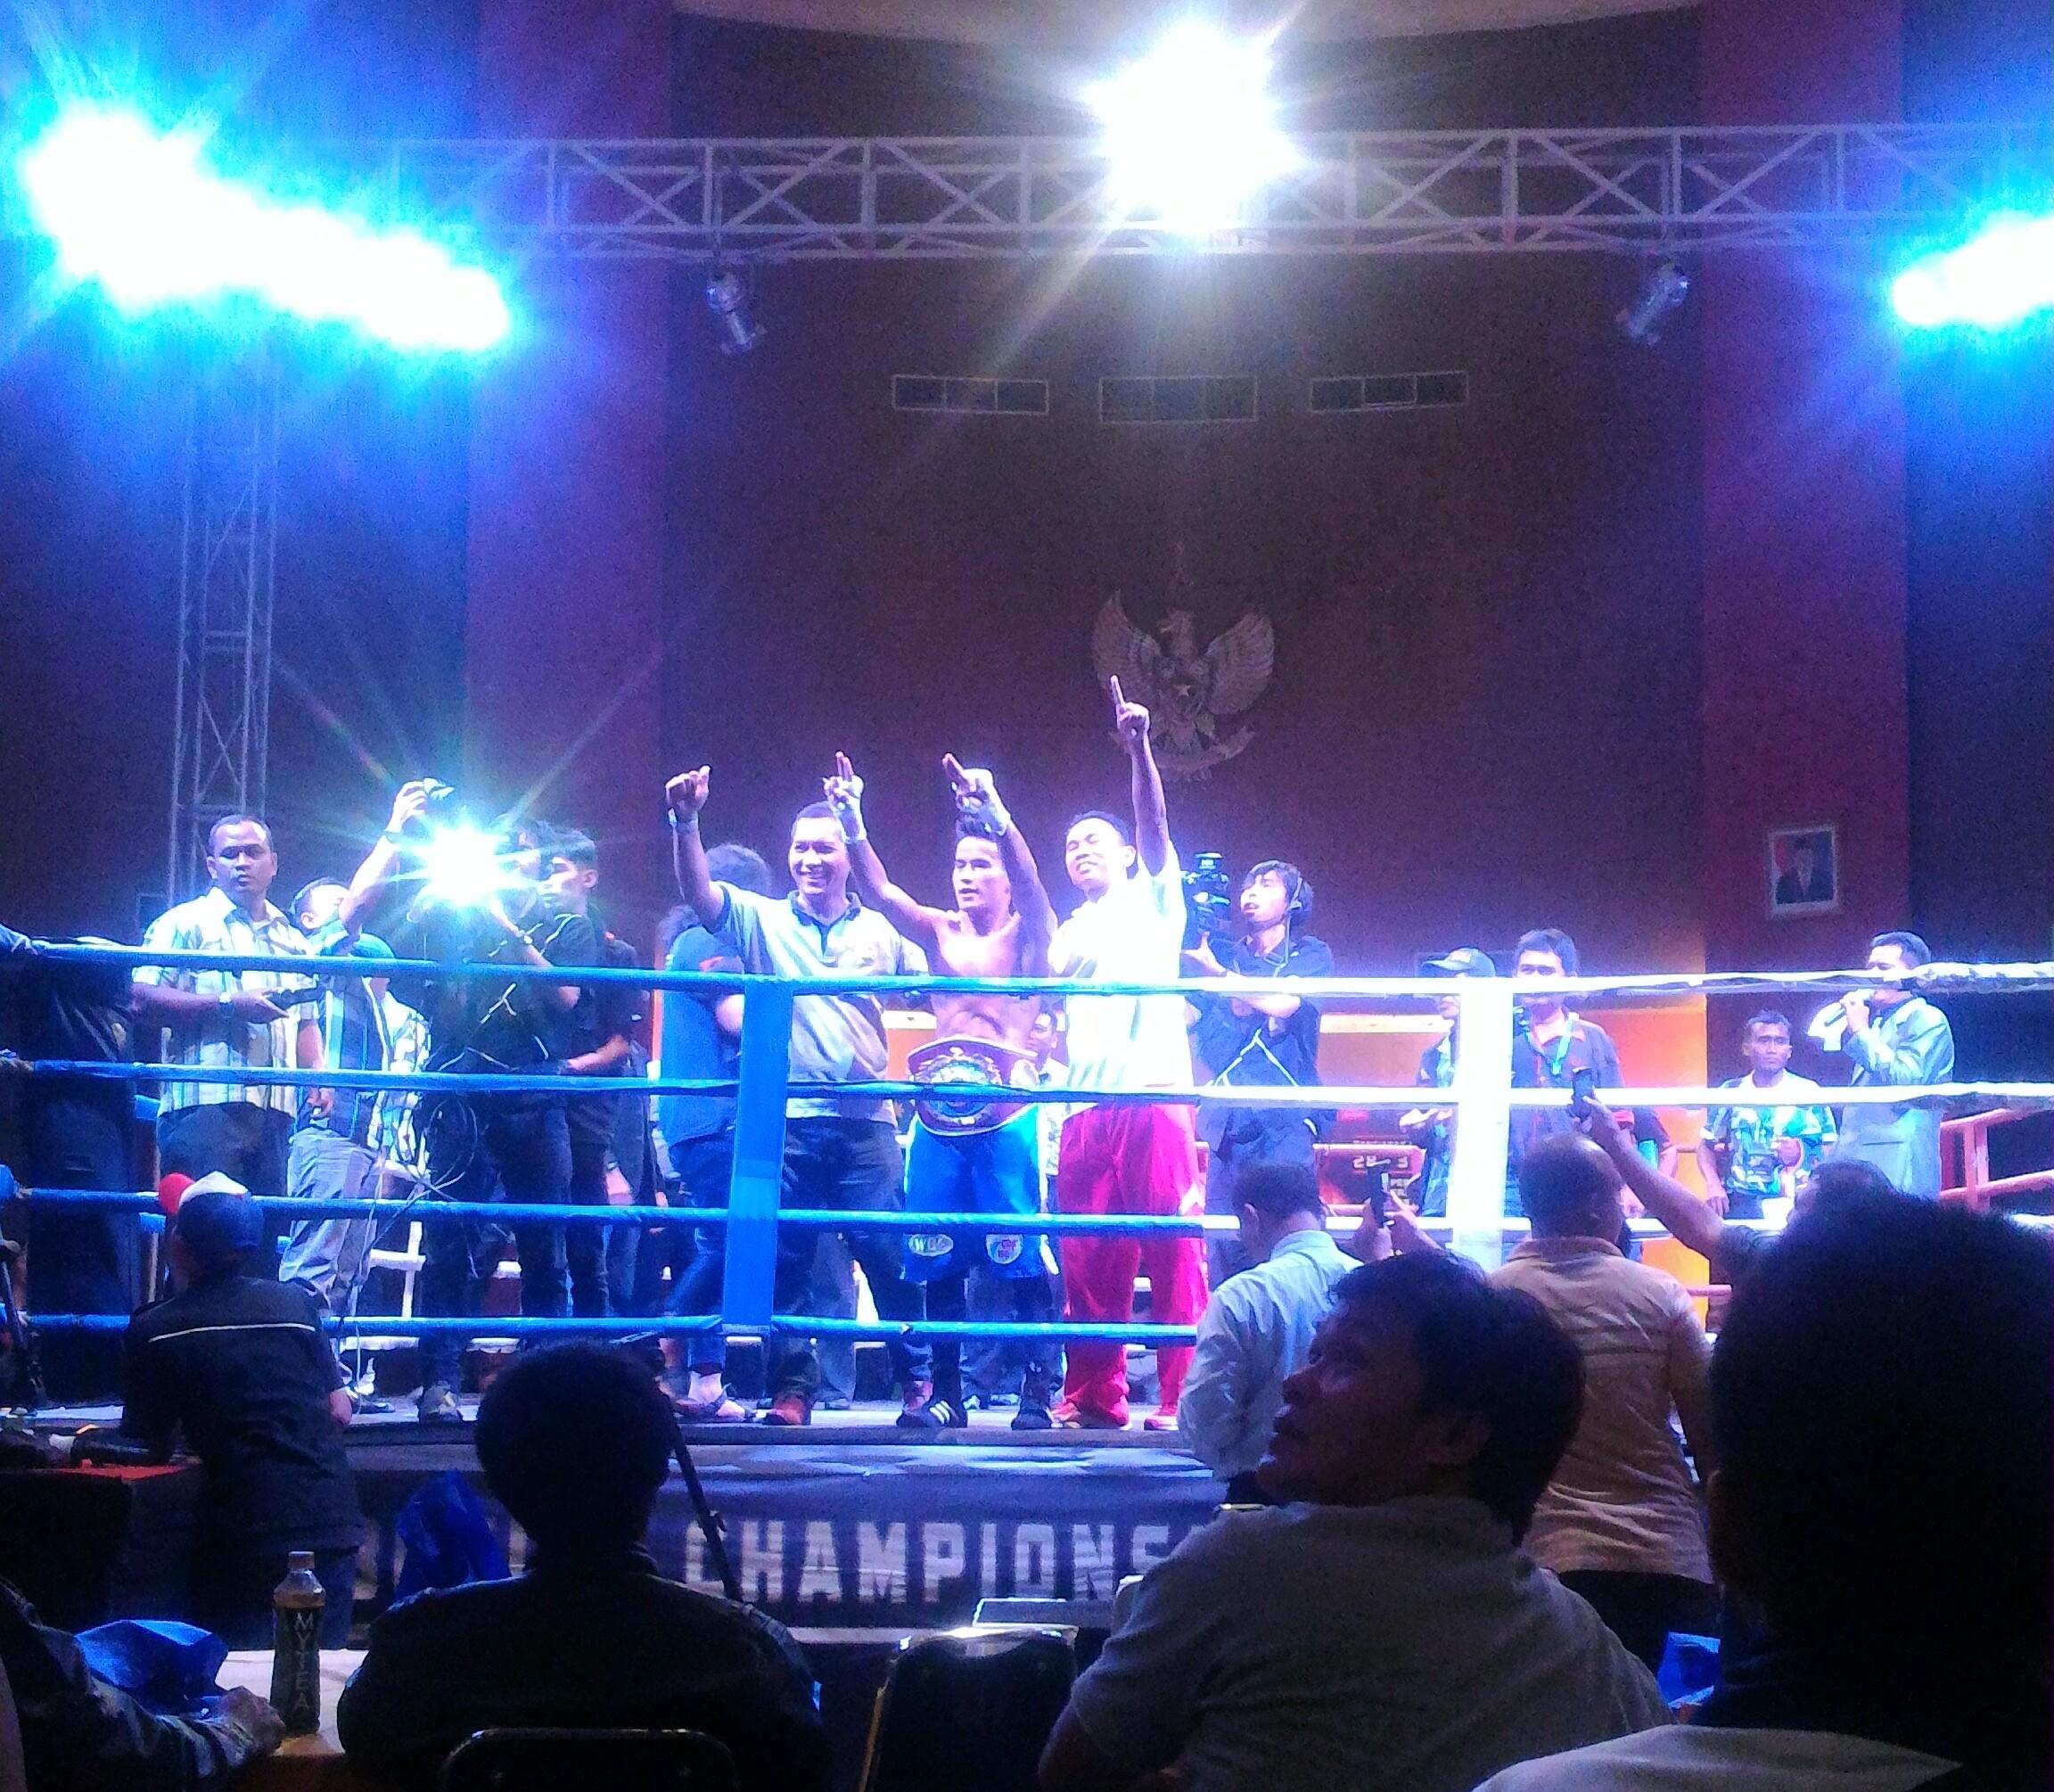 Petinju tuan rumah Kalbar, Iwan Zoda berhasil memberikan kado prestasi dengan mempertahankan gelar sabuk juara WBO Asia yang digelar di PCC, Pontianak, Kamis malam (31/12).